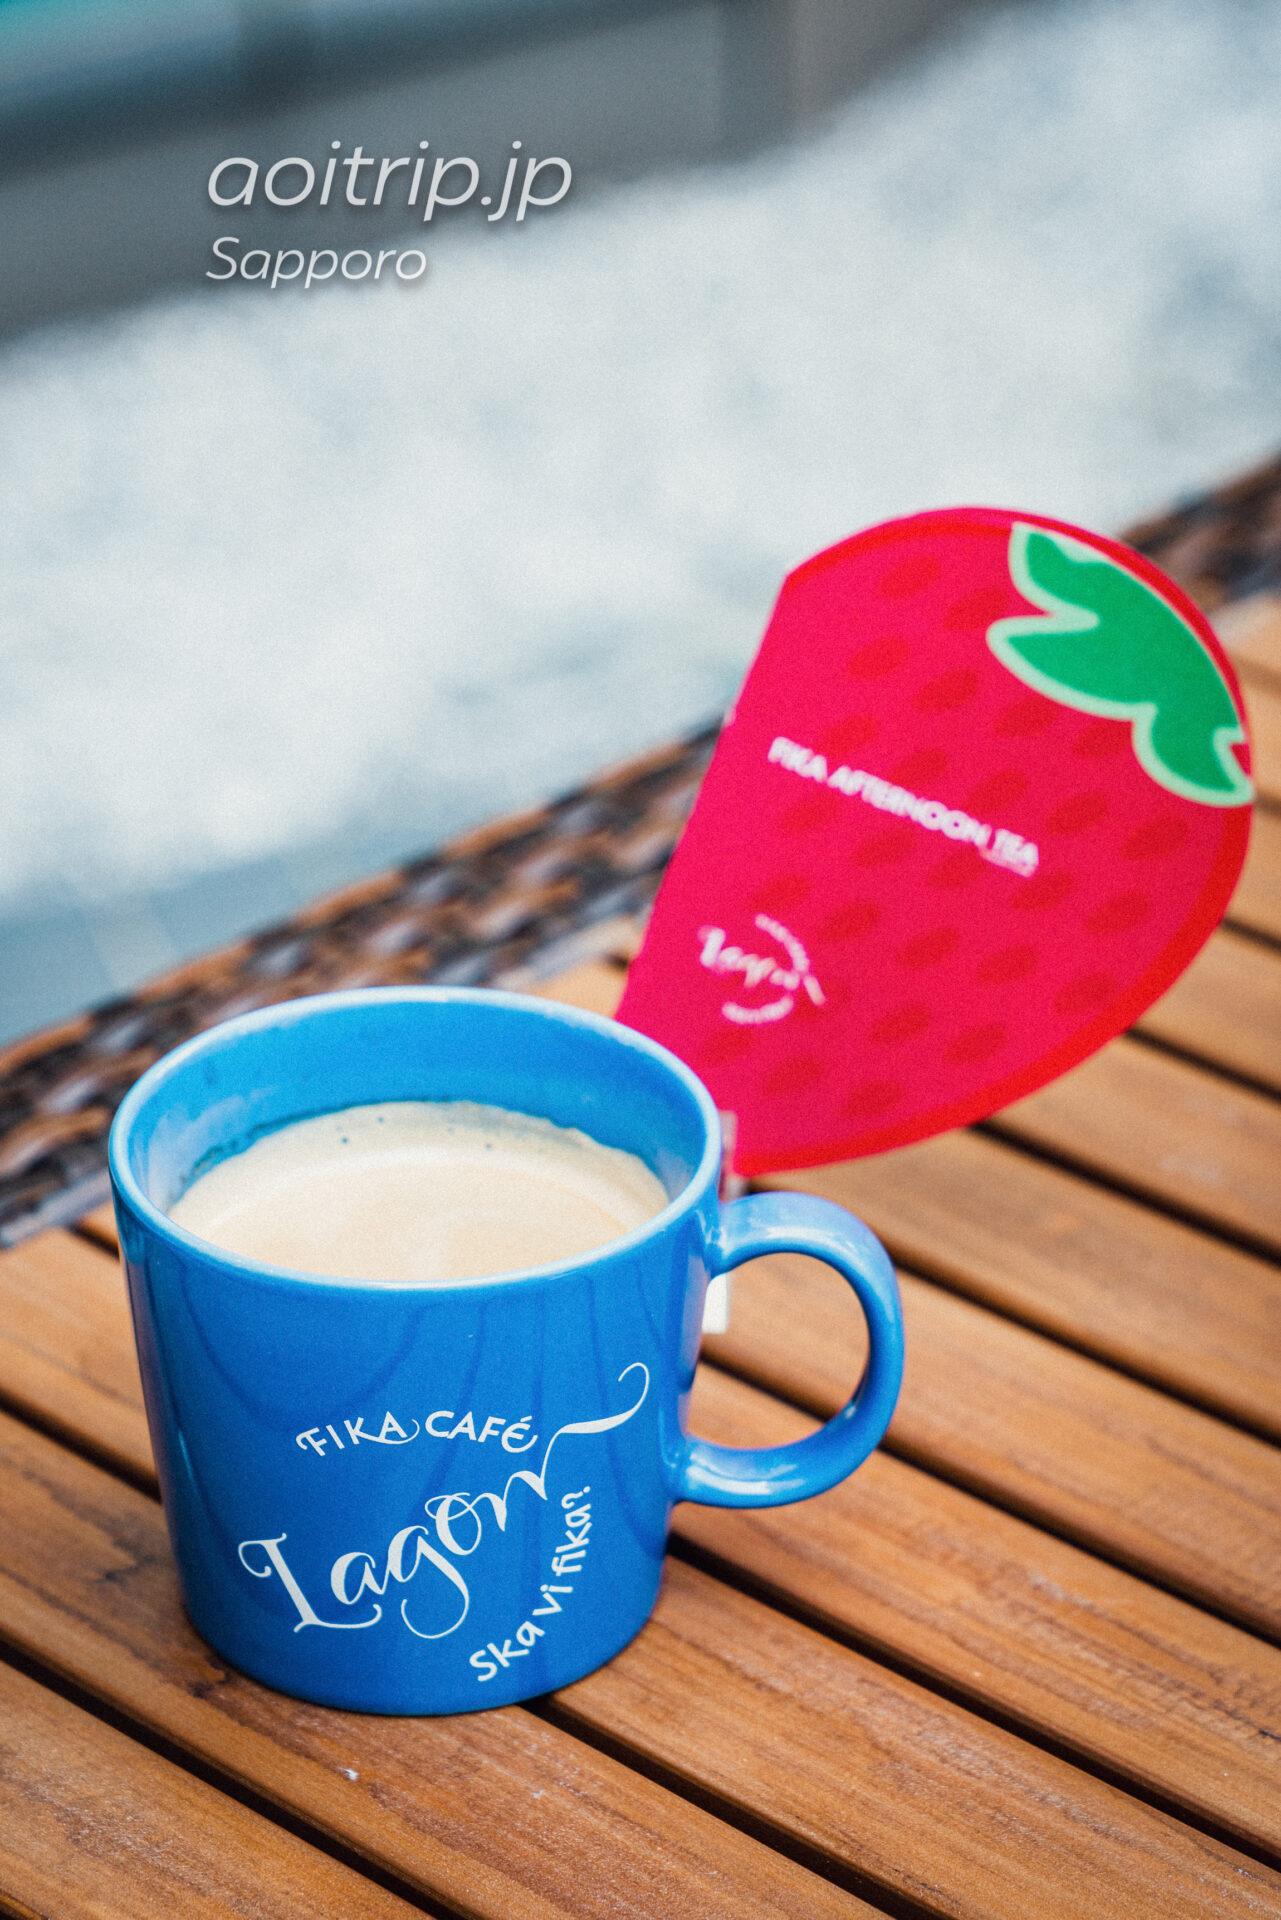 フェアフィールド札幌のアフタヌーンティー コーヒーは徳光珈琲製のラゴムオリジナルブレンドコーヒー